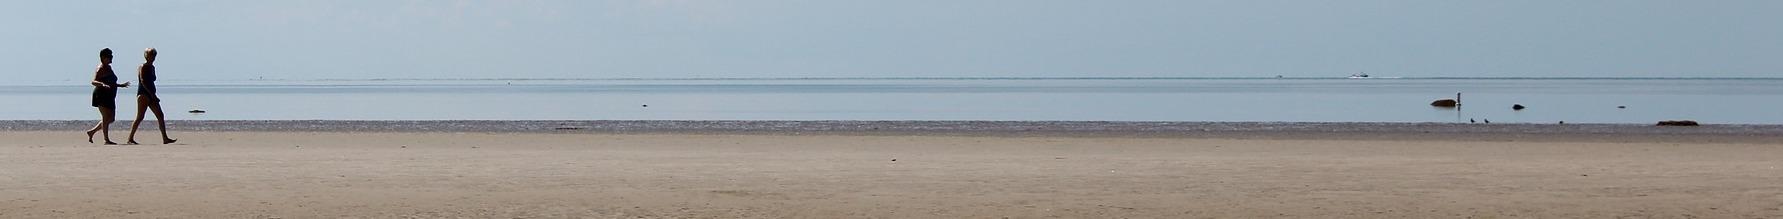 beach-606087_1920